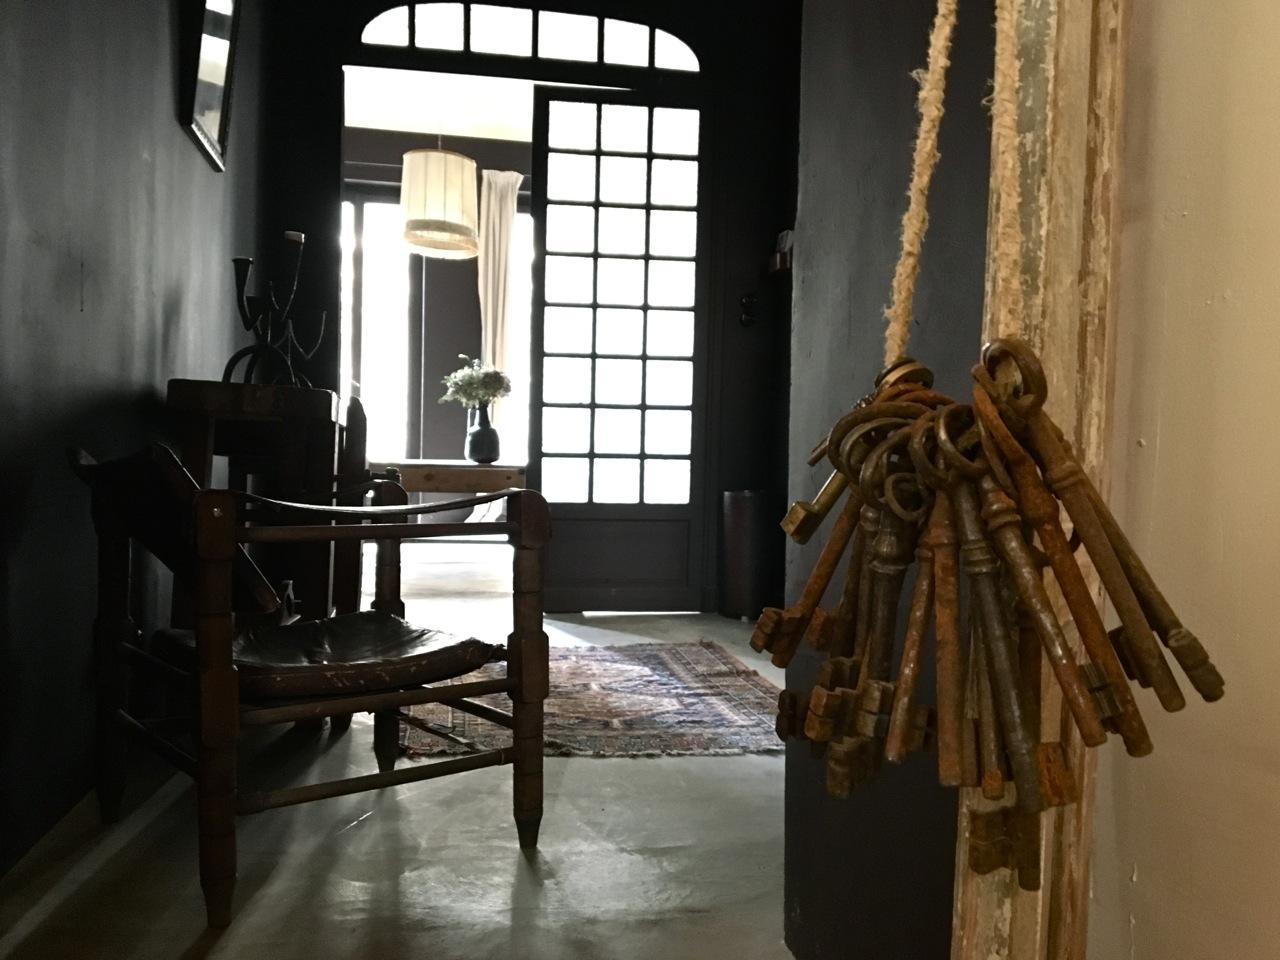 chambre d 39 h te marseille maison empereur love spots. Black Bedroom Furniture Sets. Home Design Ideas